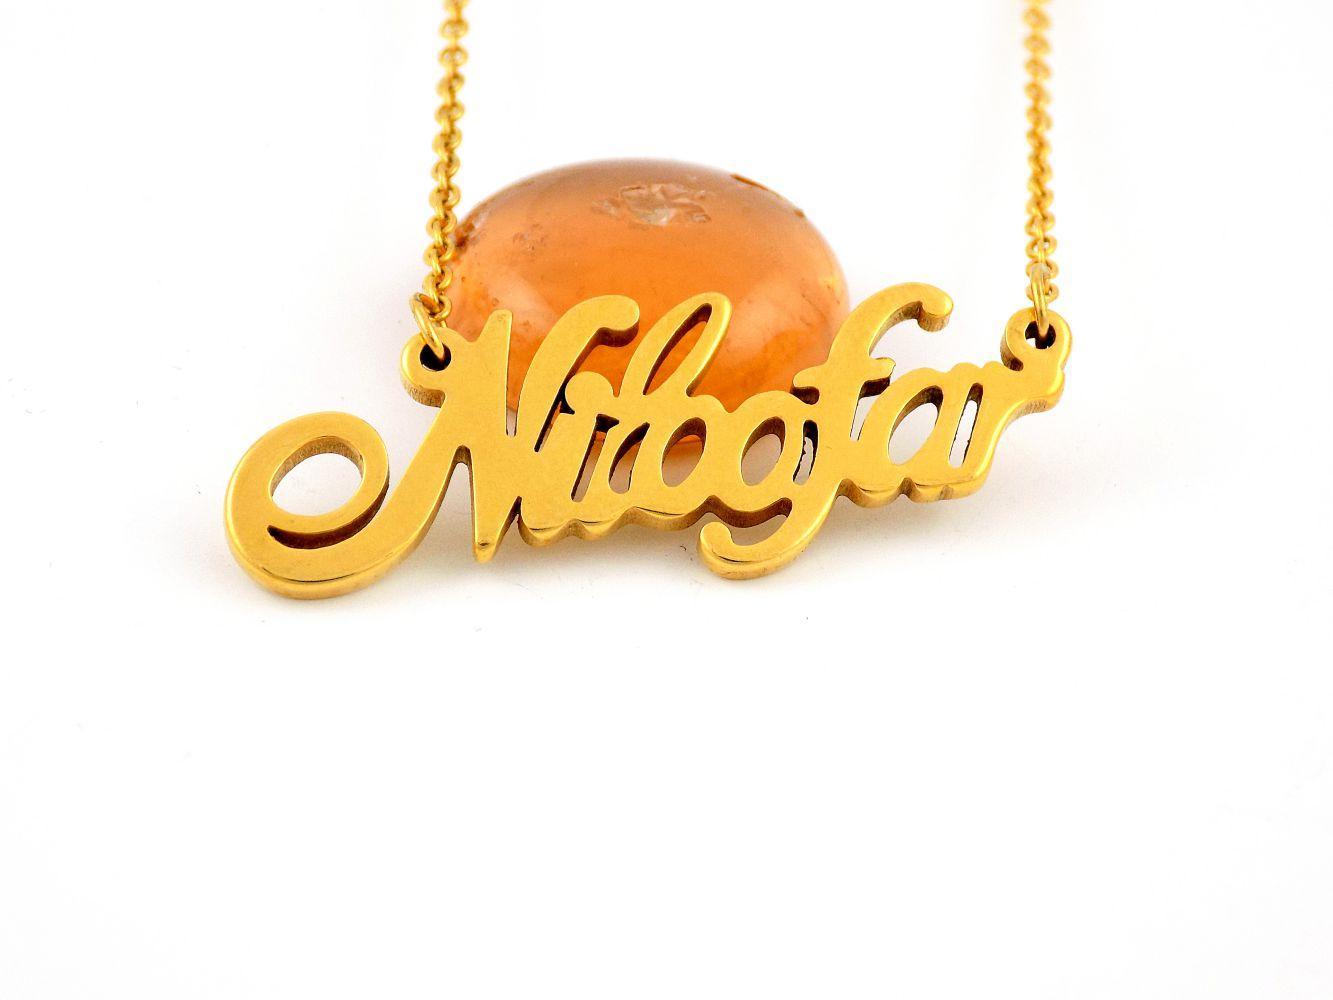 گردنبند اسم نیلوفر استیل با زنجیر 22 سانتی متری و روکش آب طلای 18 عیار nw-n128